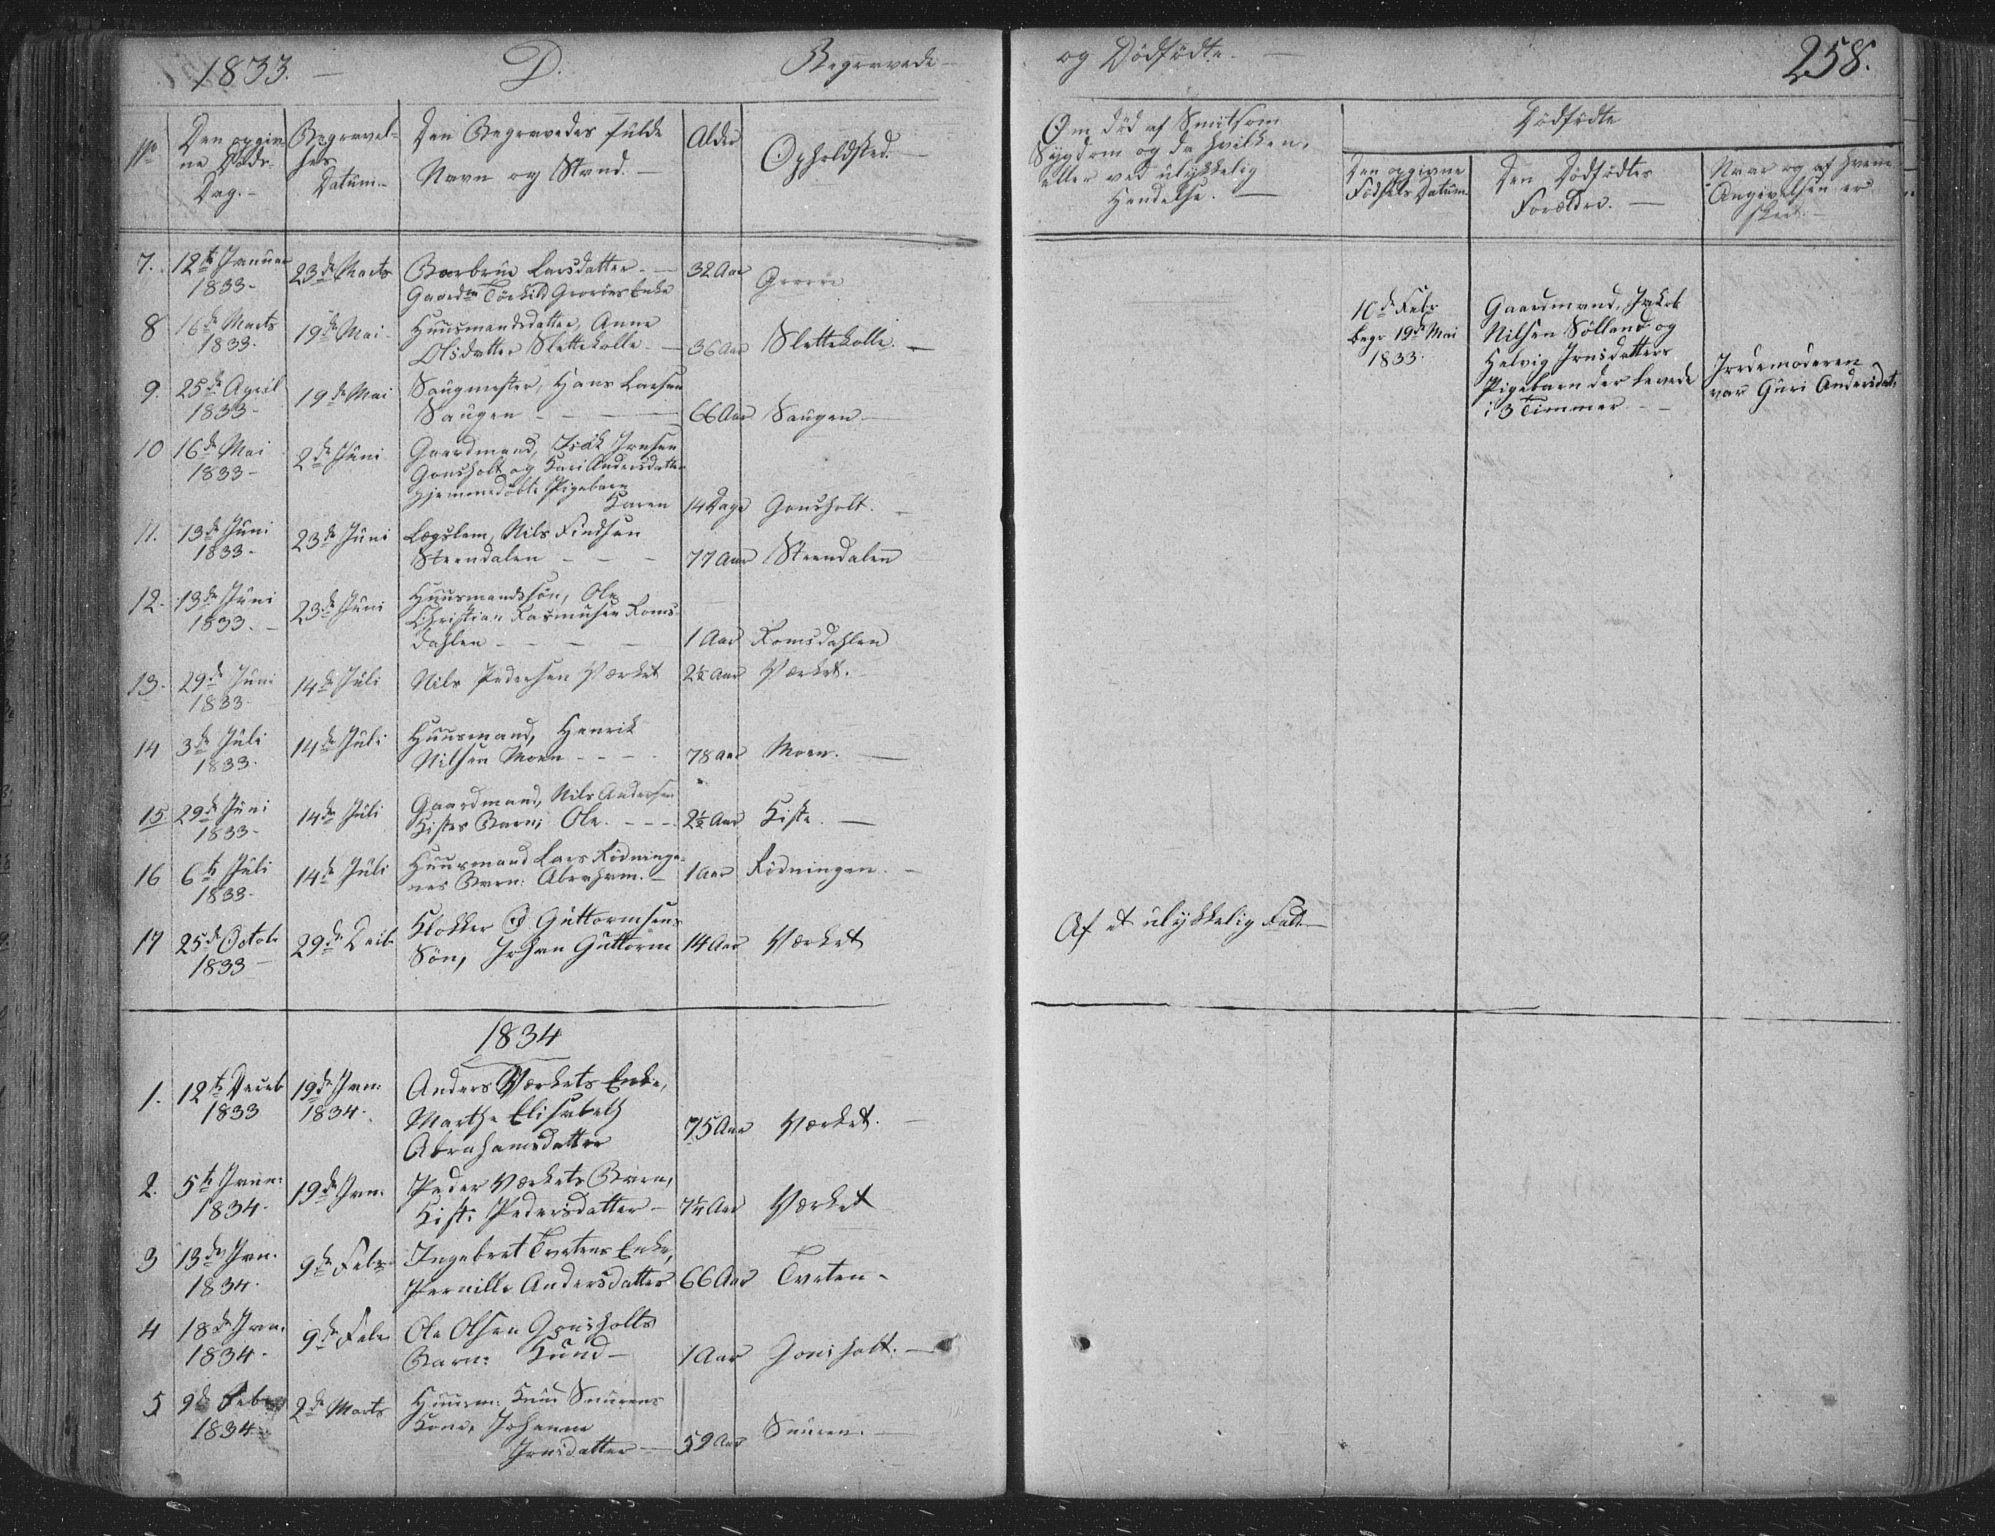 SAKO, Siljan kirkebøker, F/Fa/L0001: Ministerialbok nr. 1, 1831-1870, s. 258